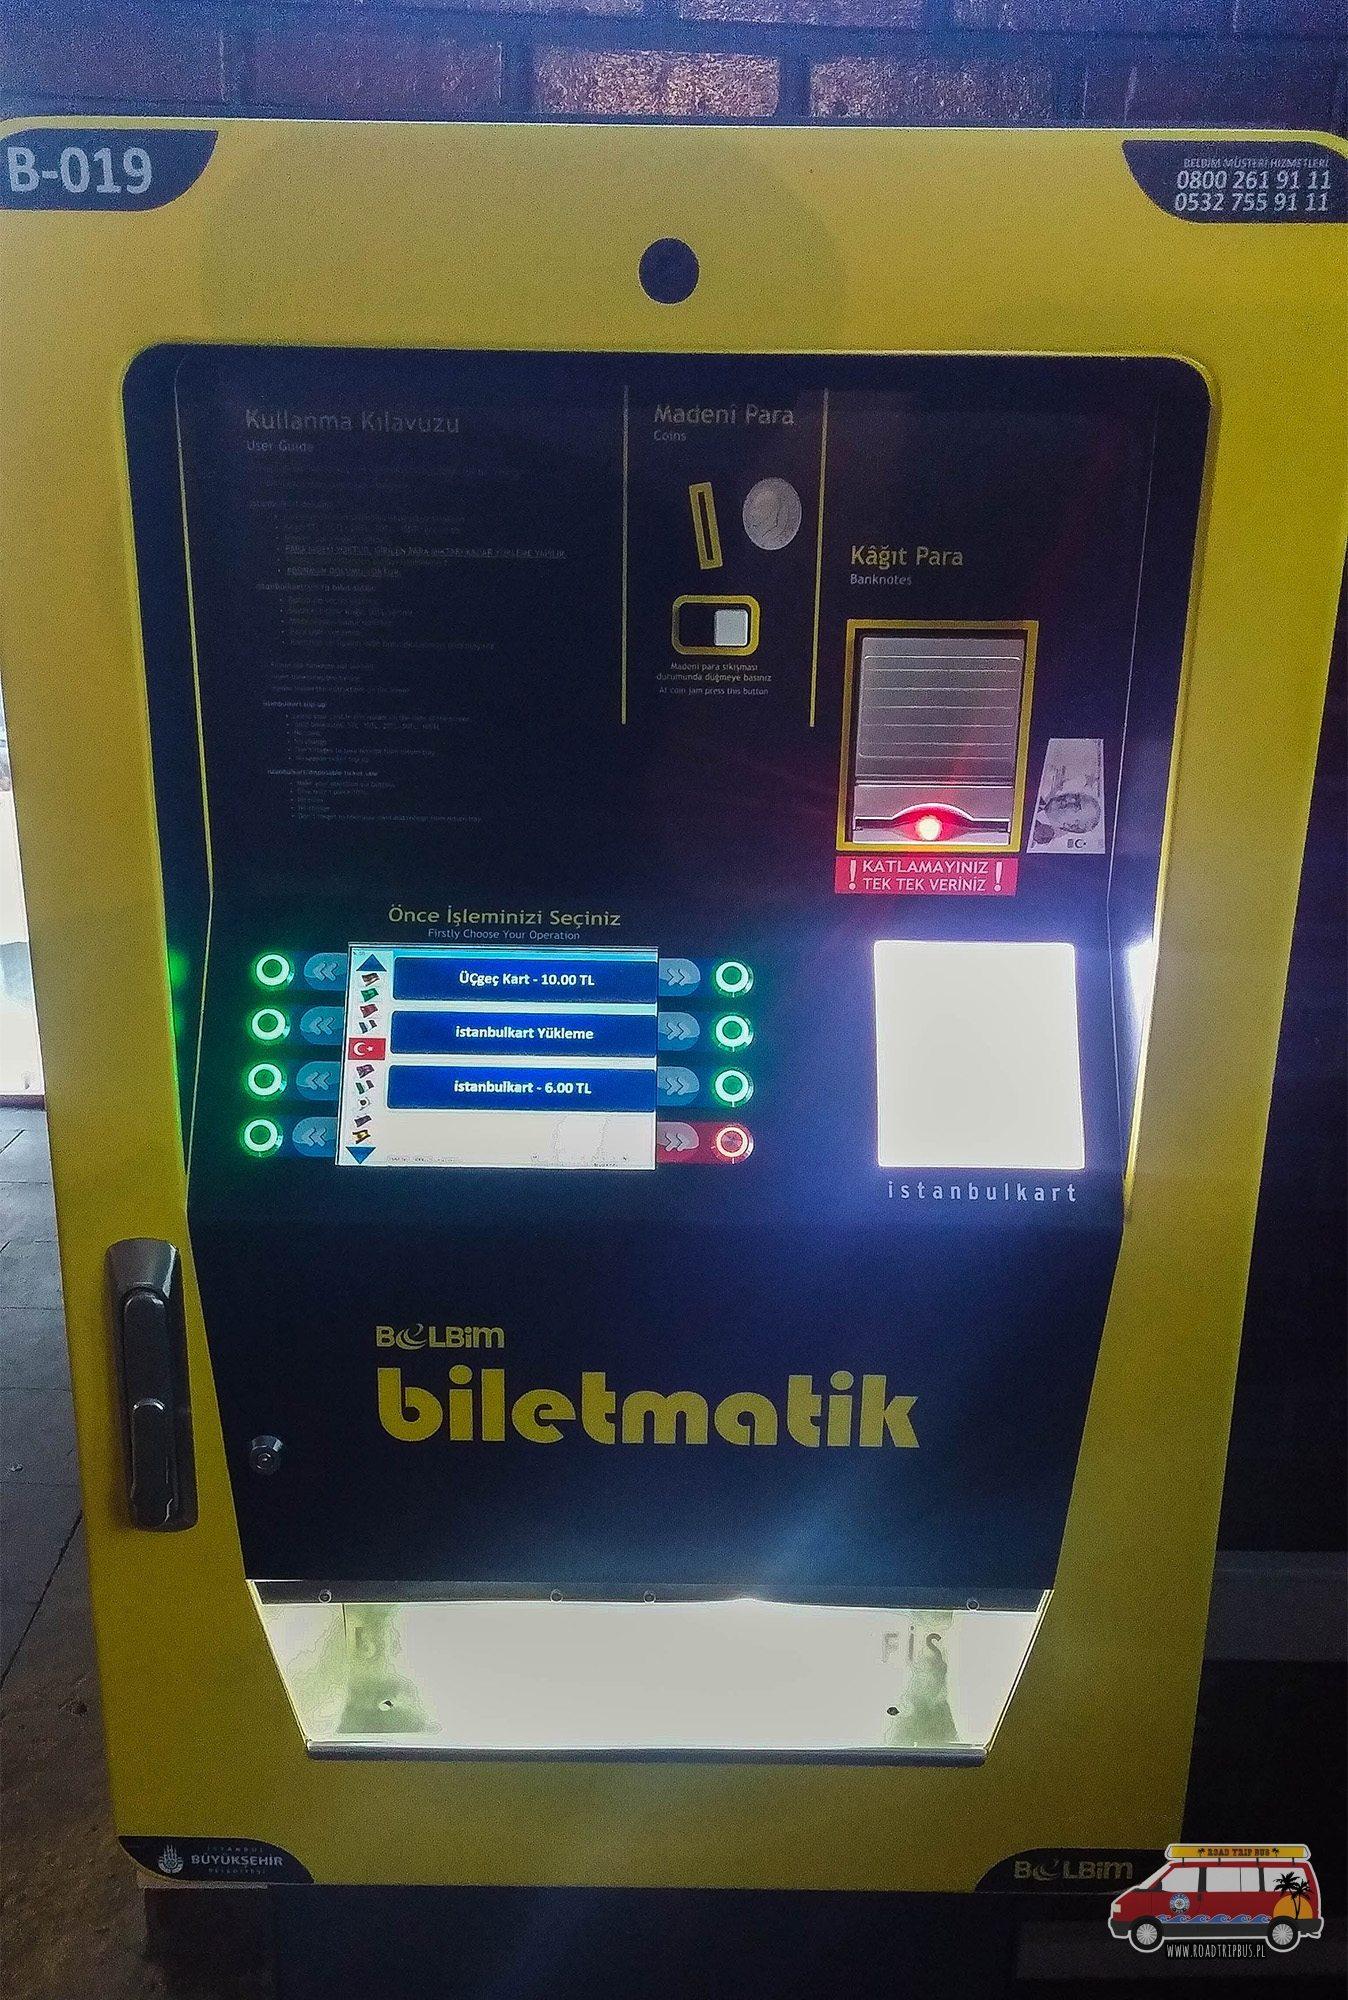 Istanbulkart automat